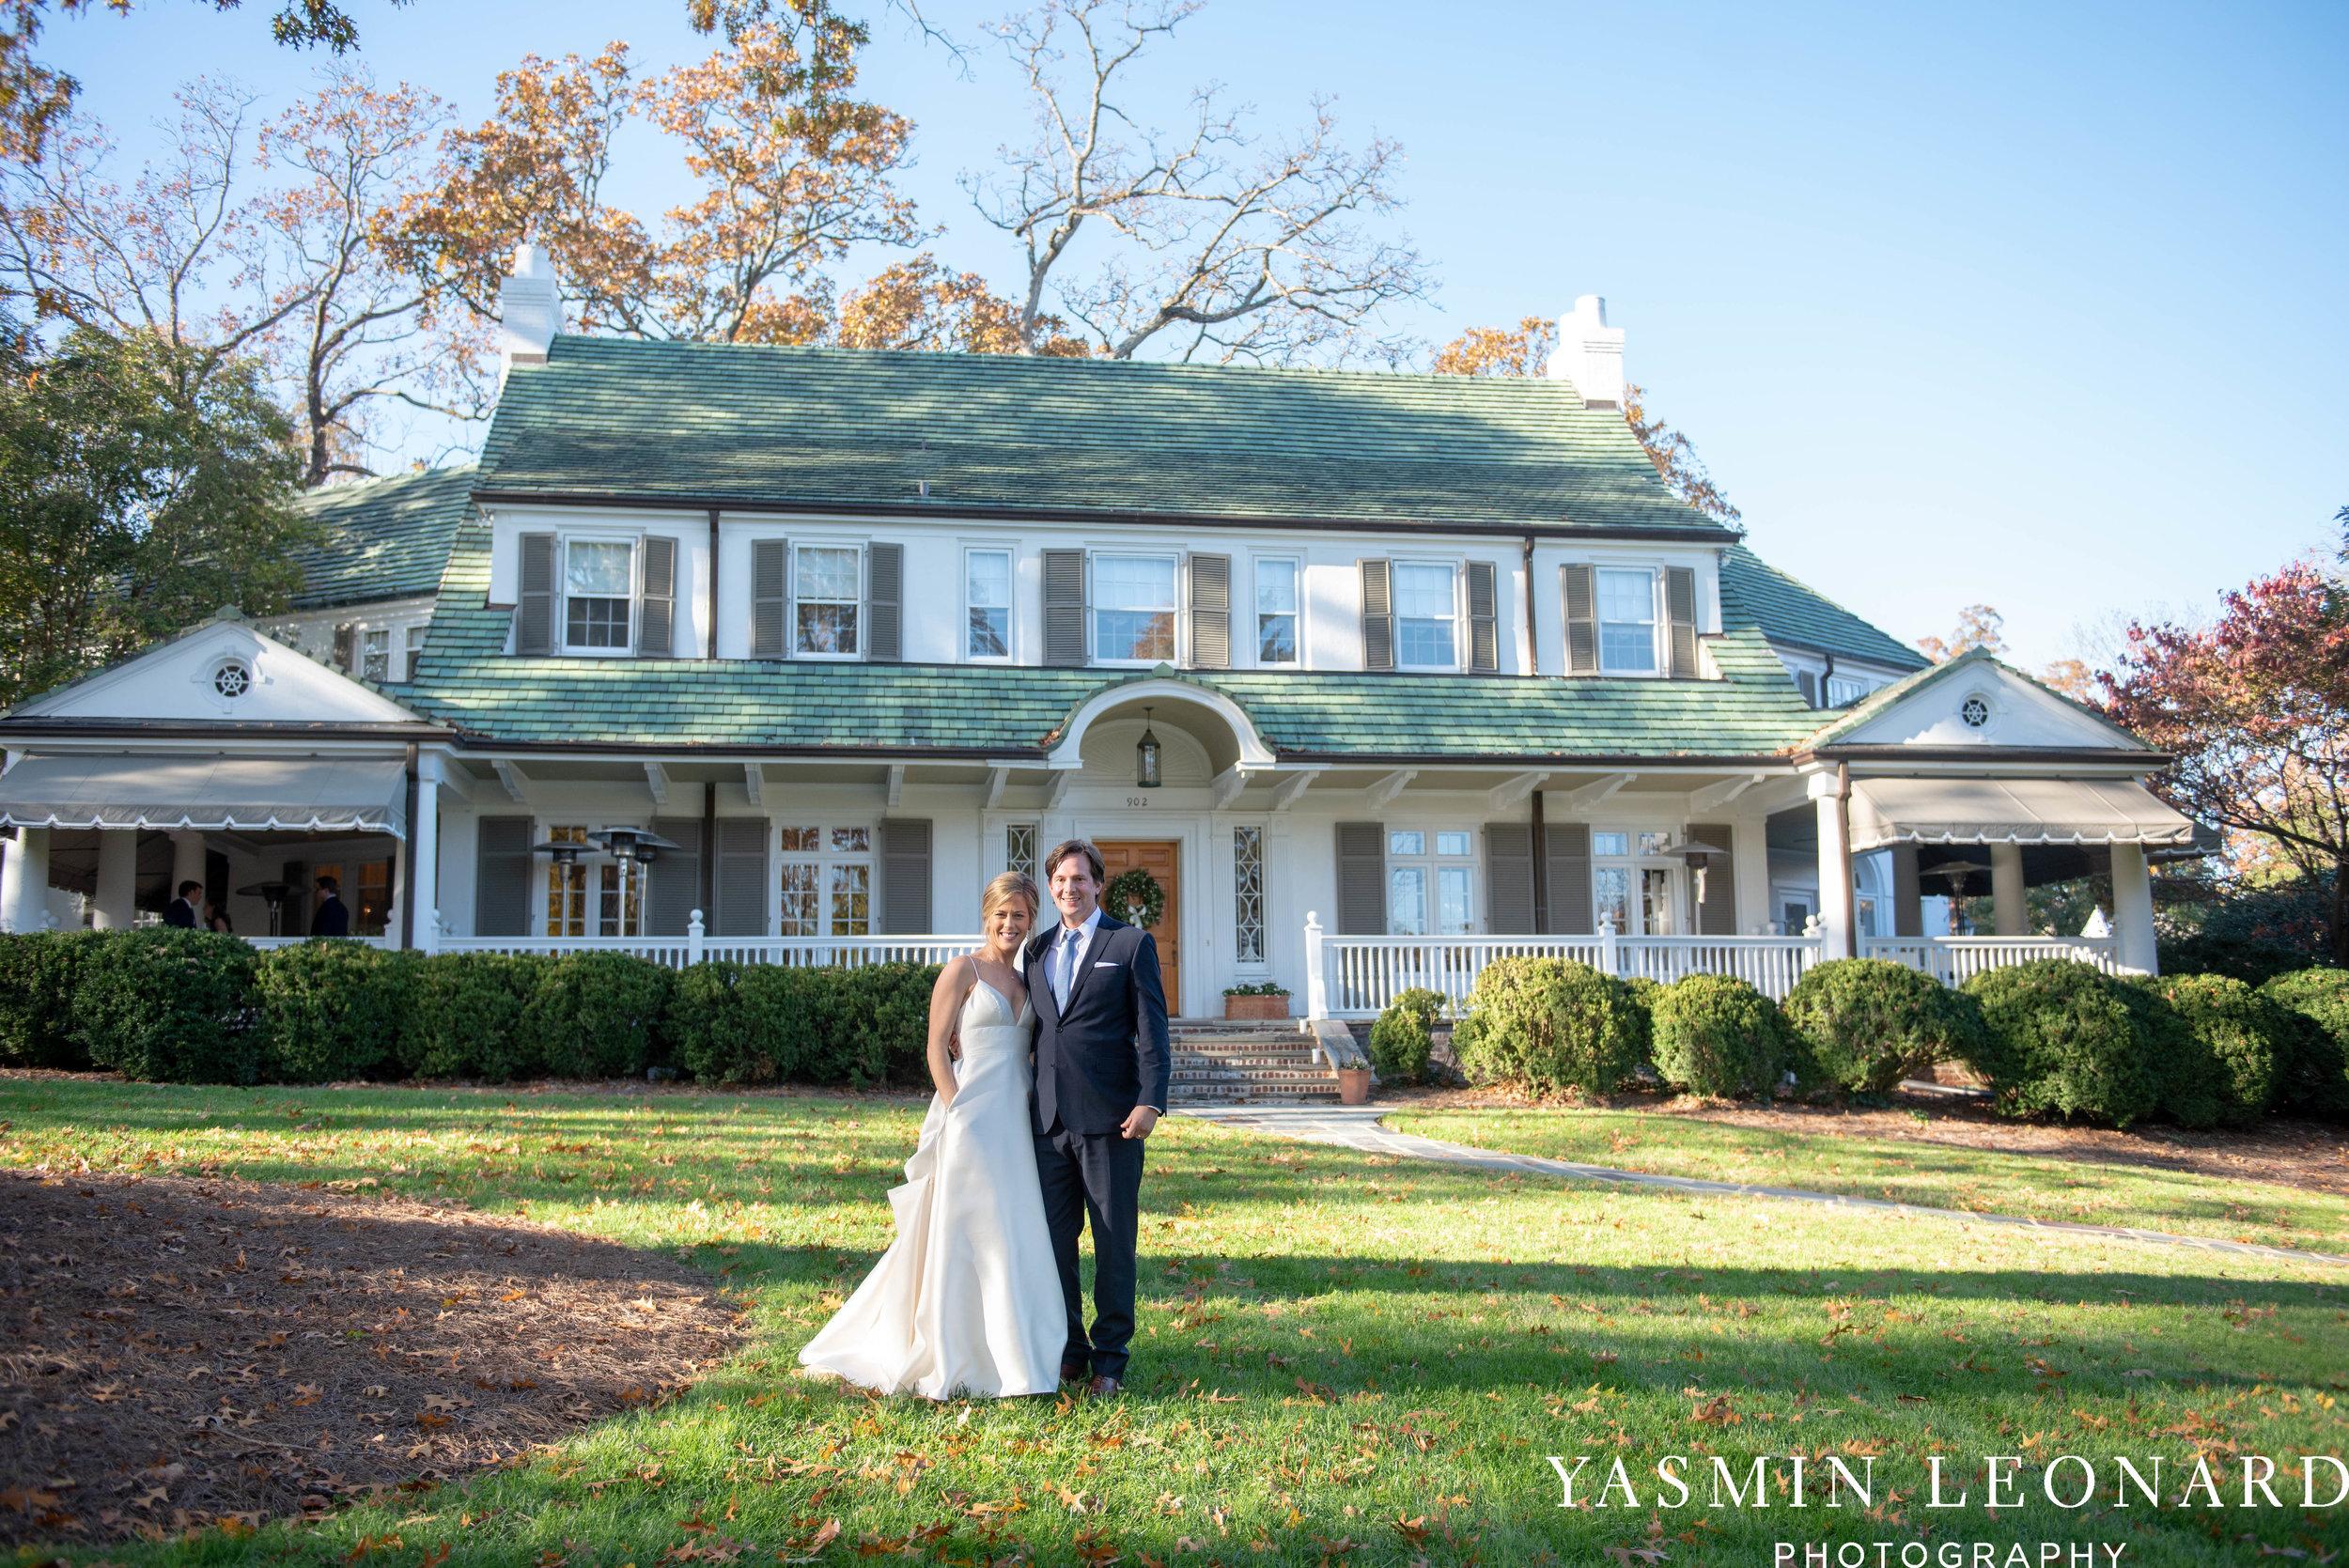 Wesley Memorial United Methodist Church - EmeryWood - High Point Weddings - High Point Wedding Photographer - NC Wedding Photographer - Yasmin Leonard Photography-55.jpg